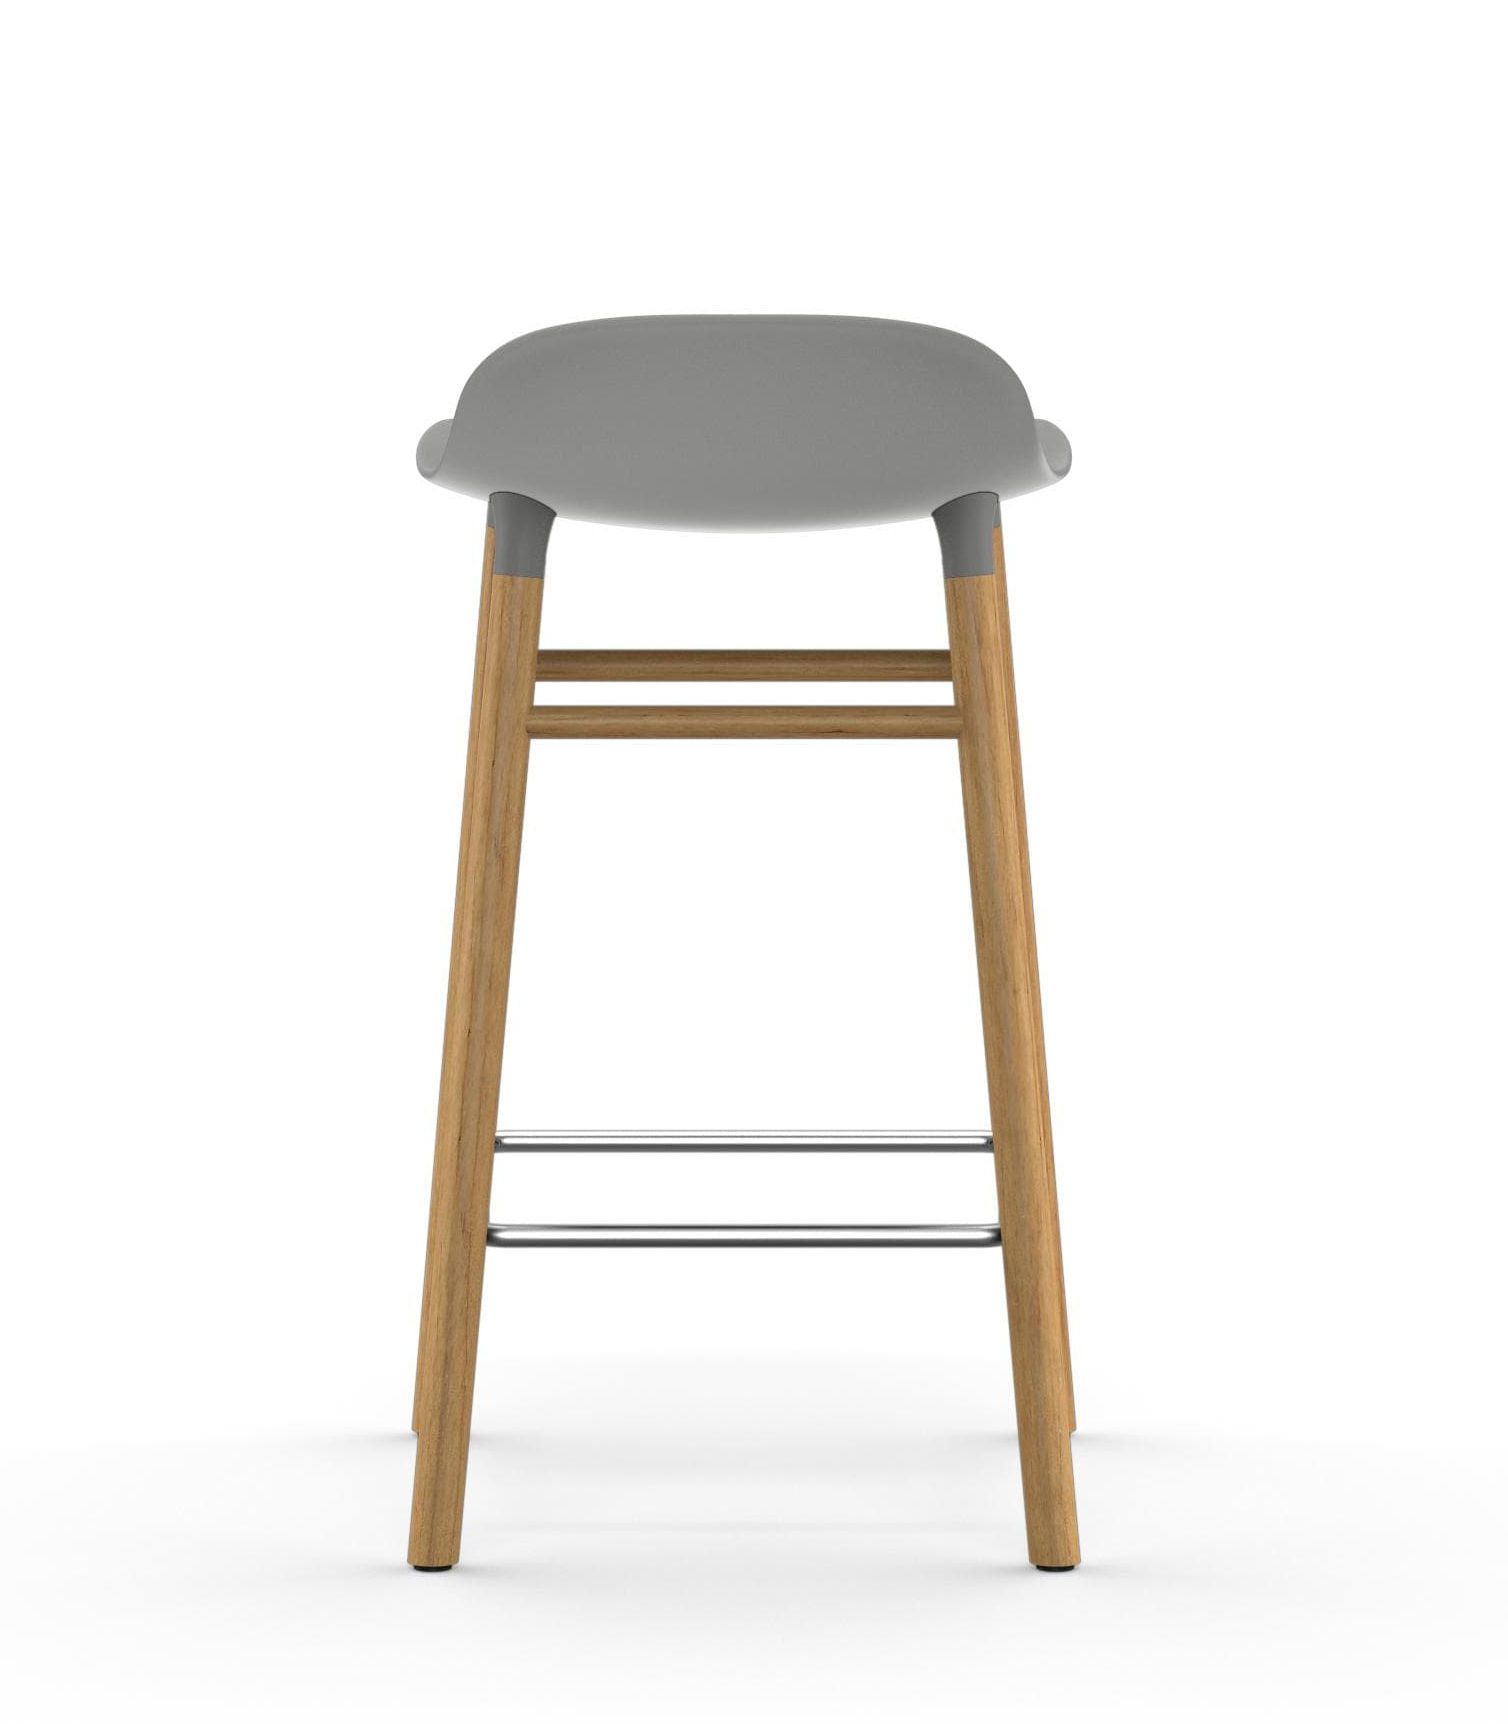 Bar Stool Form By Normann Copenhagen Grey Natural Wood